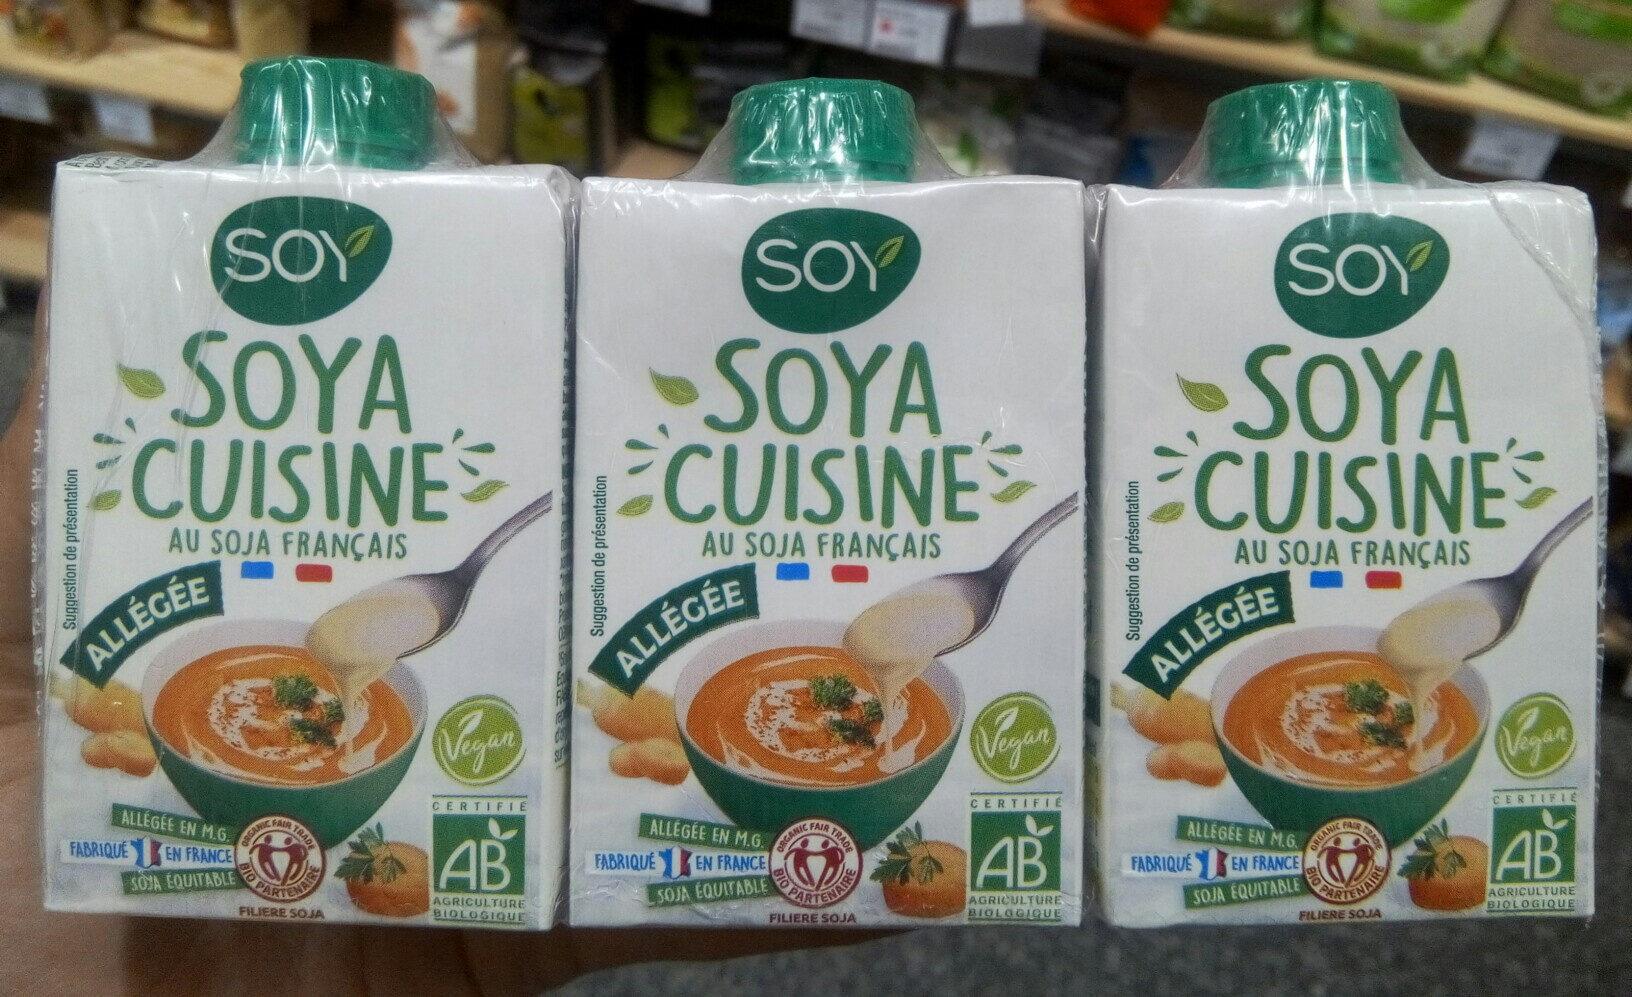 Soya cuisine allégée - Product - fr